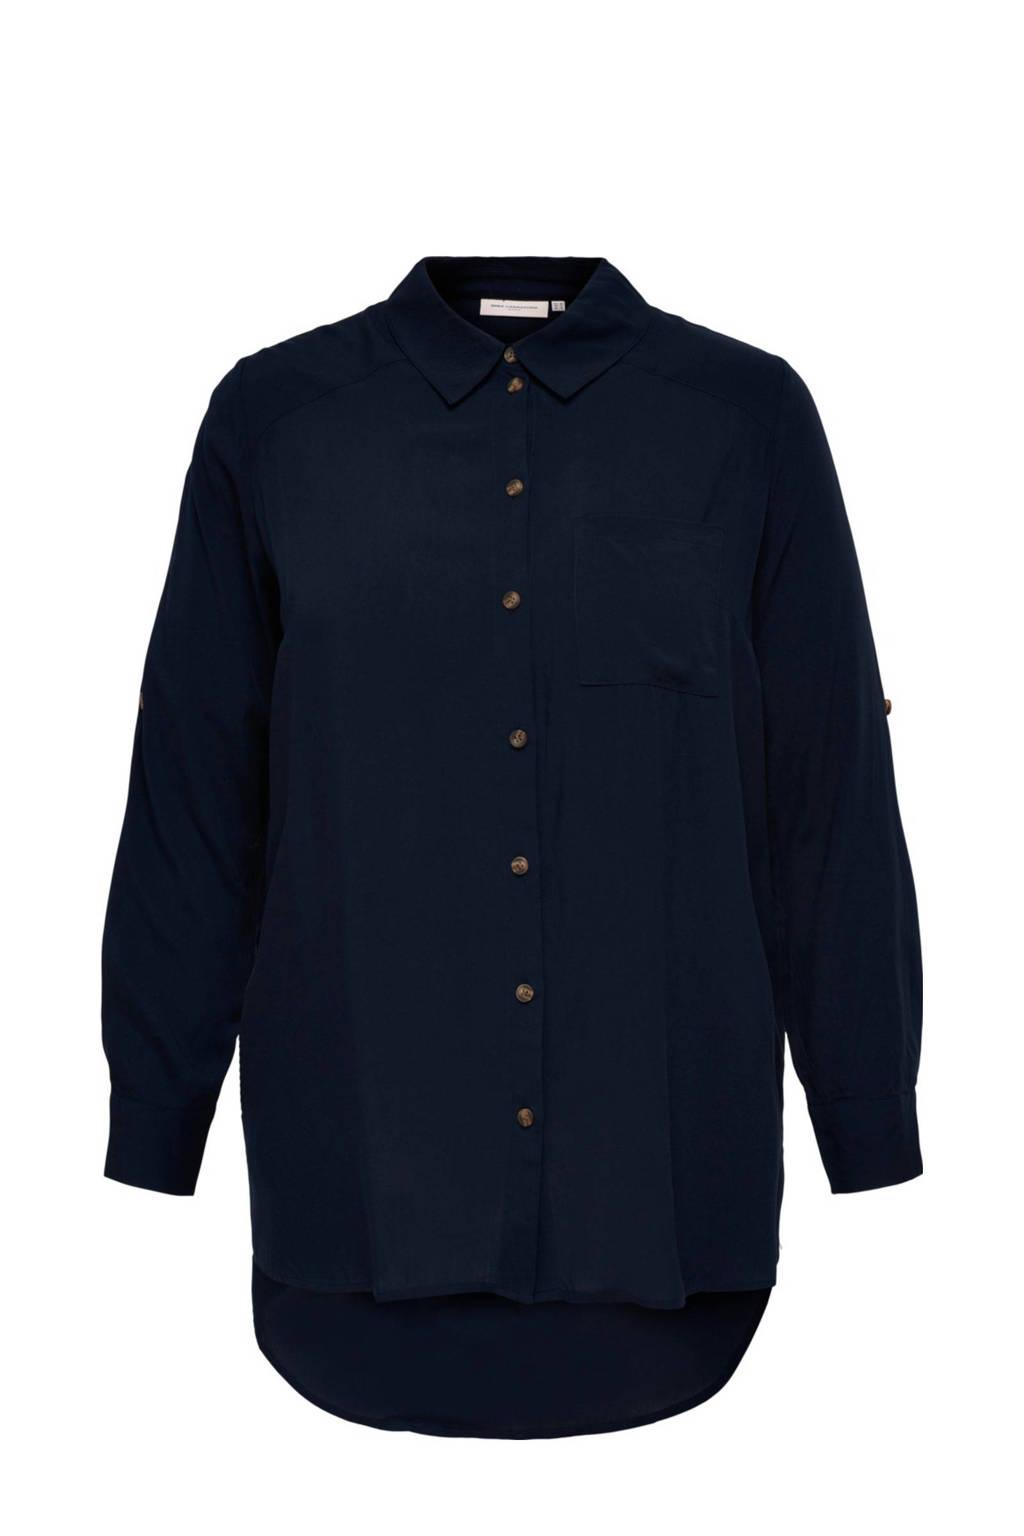 ONLY CARMAKOMA blouse CARDENIZIA donkerblauw, Donkerblauw